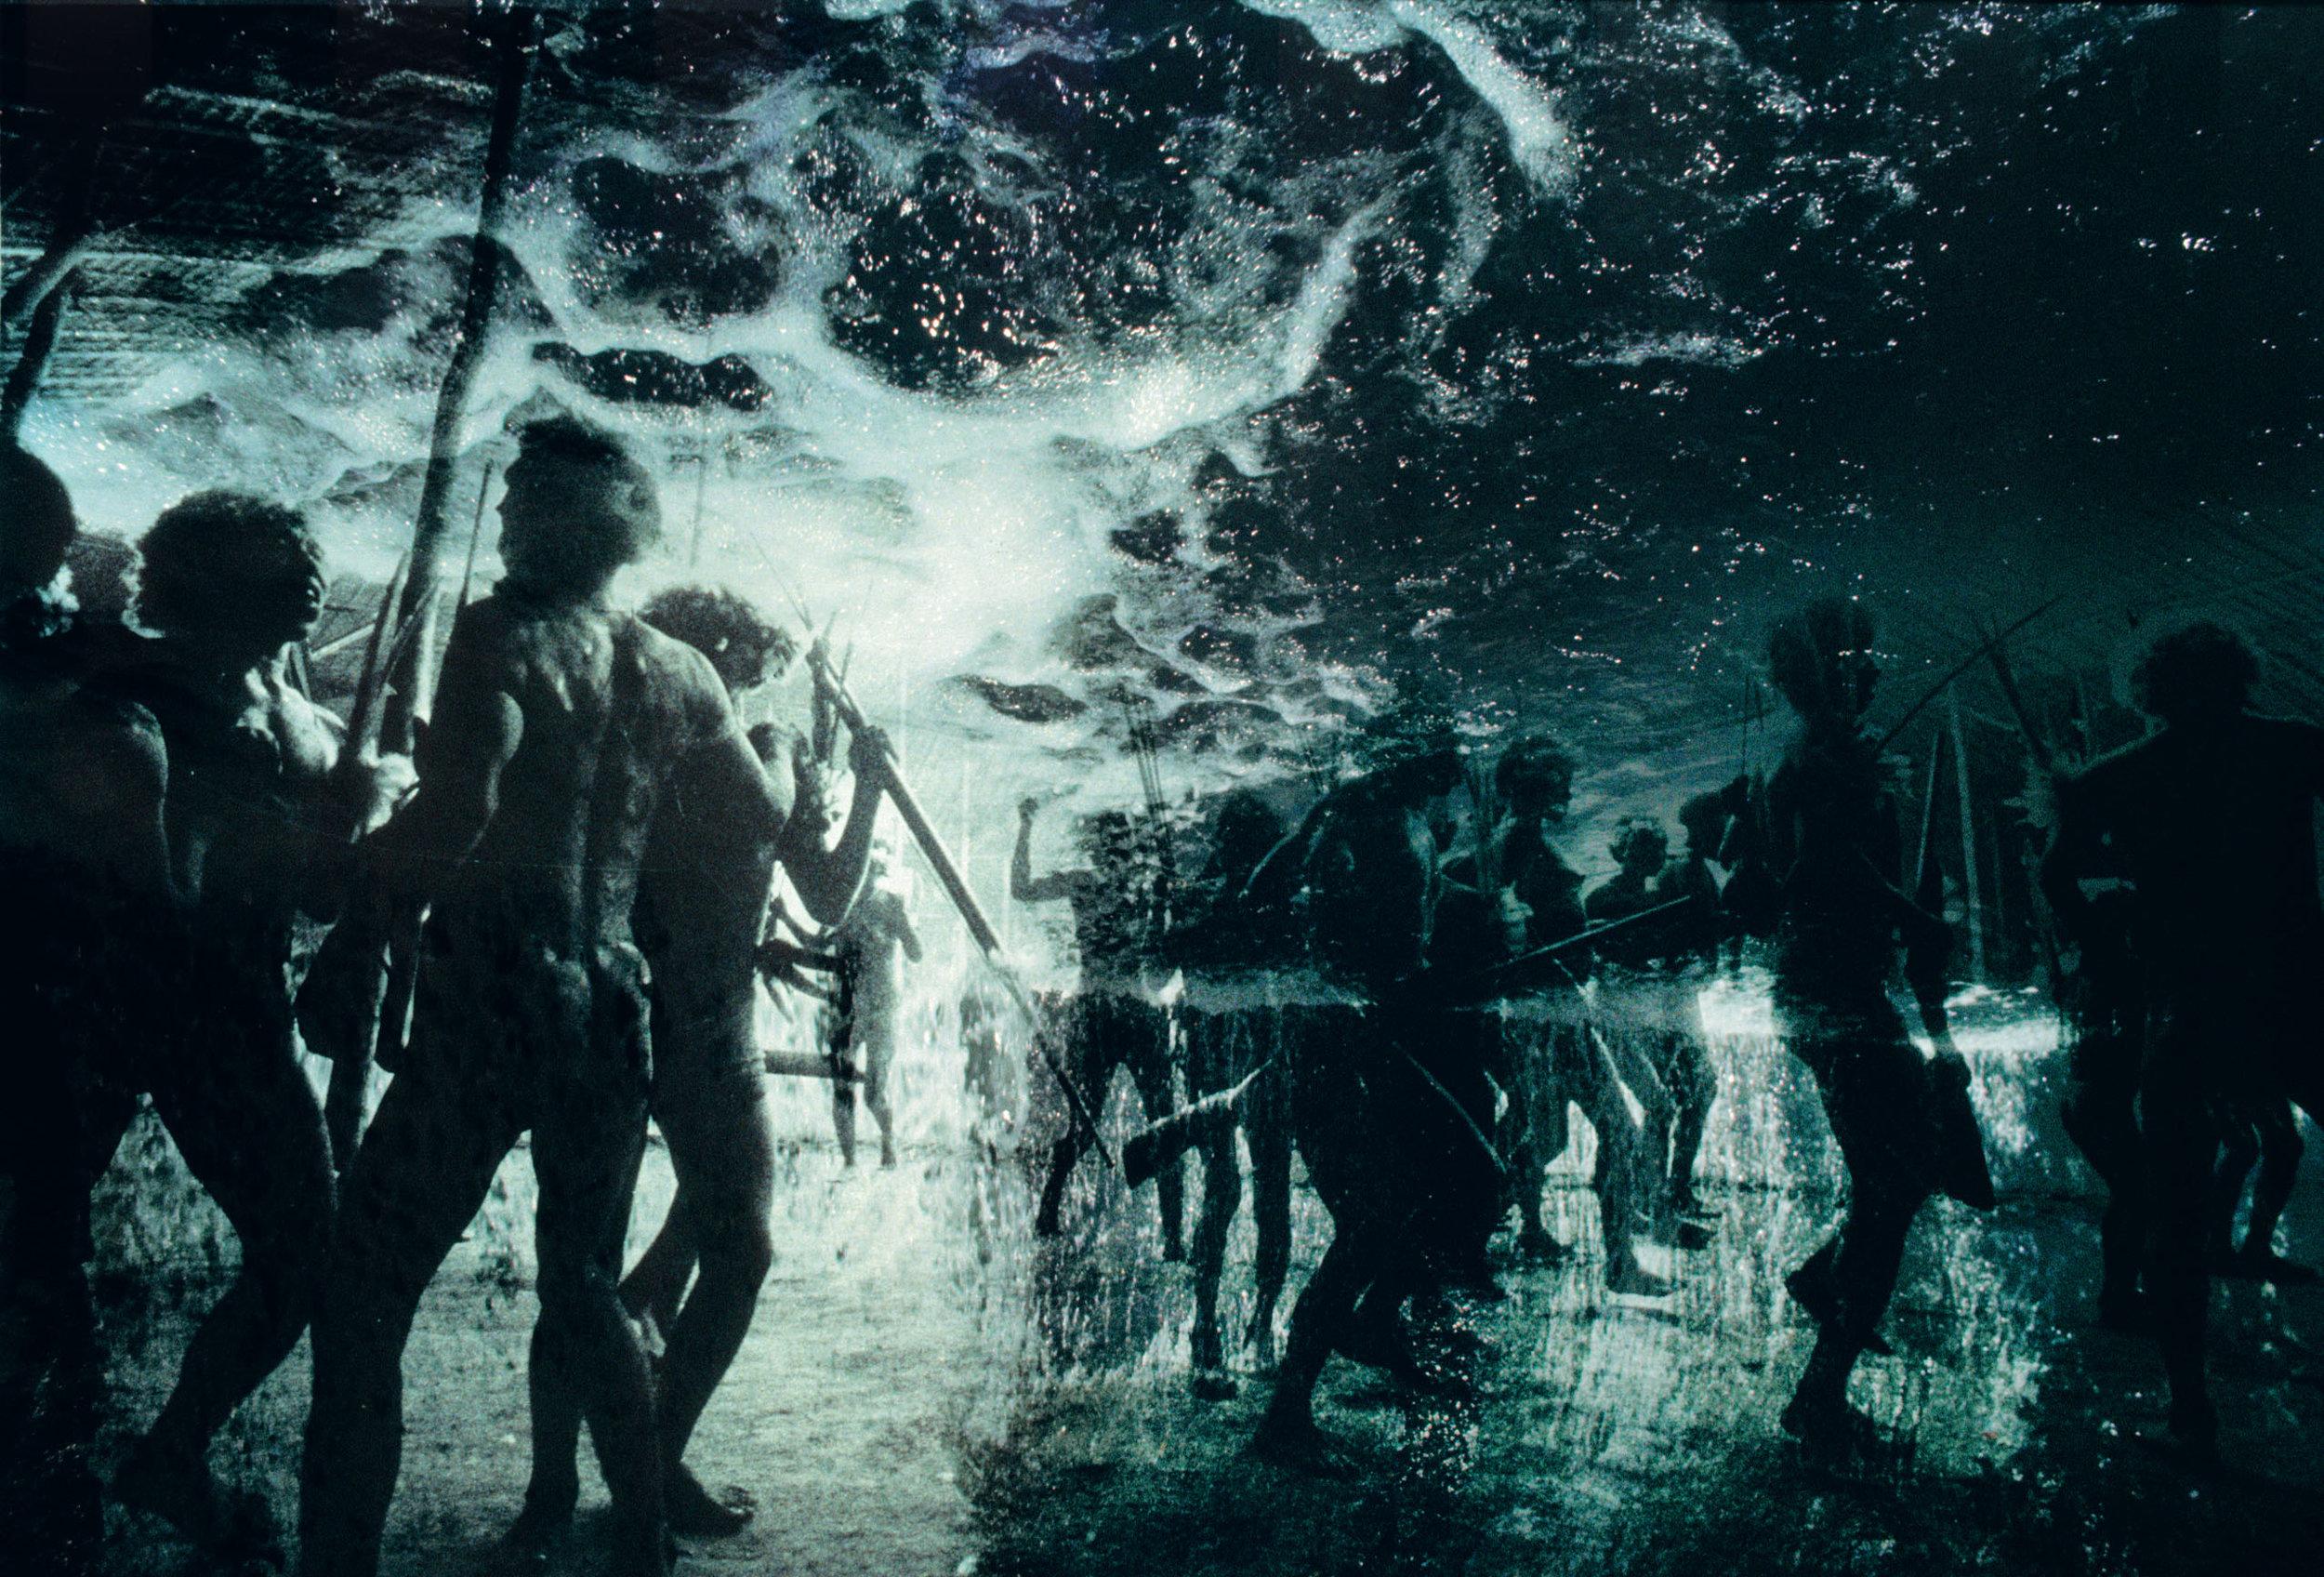 Claudia Andujar -Reprodução - Cortesia Galeria Vermelho | Desabamento do céu / O fim do mundo - da série Sonhos Yanomami, 1976